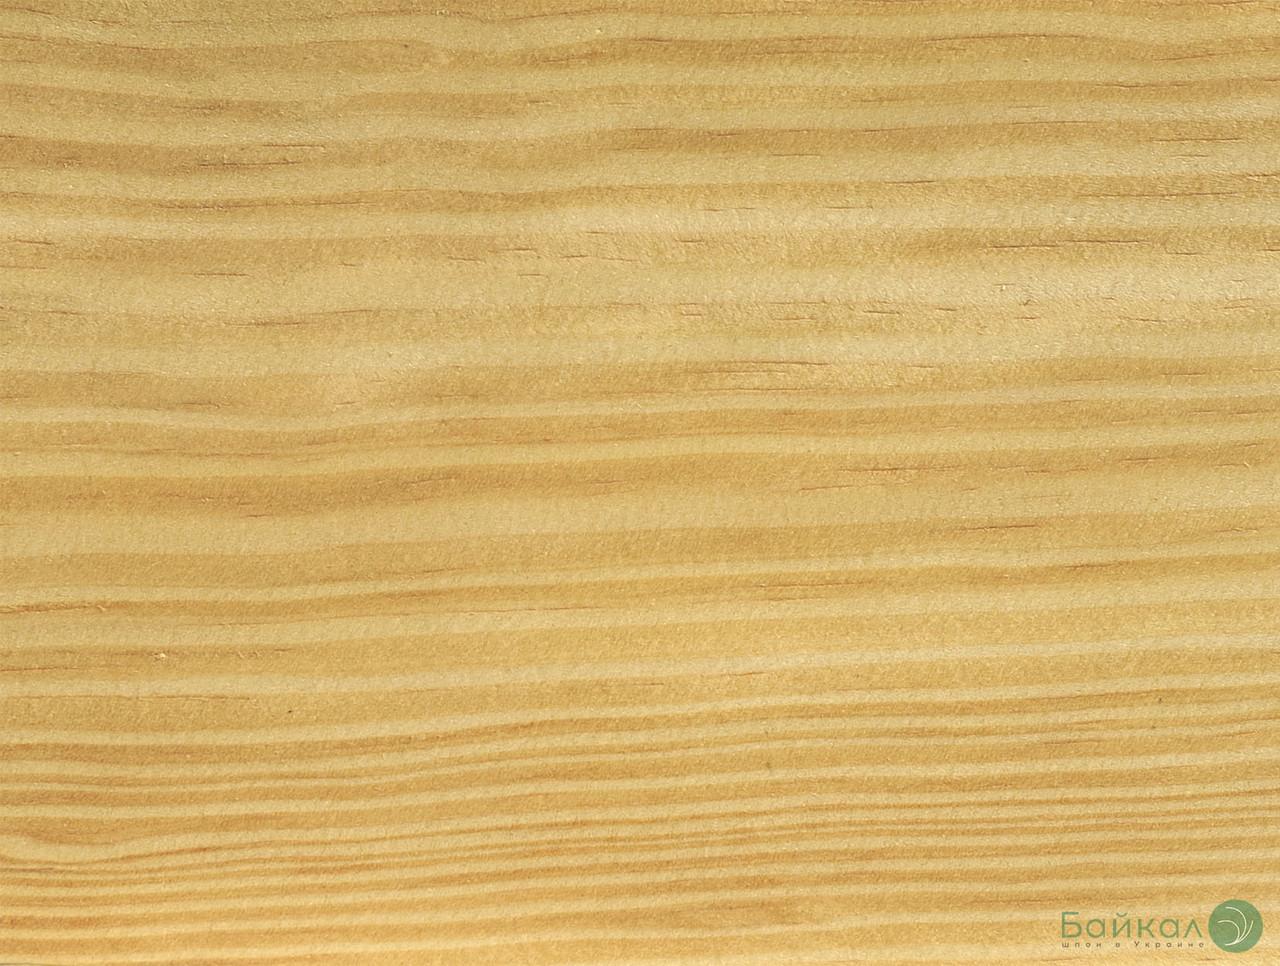 Шпон строганный Сосна Американская (сучки) - 0,6 мм  2,10 м+/10 см+